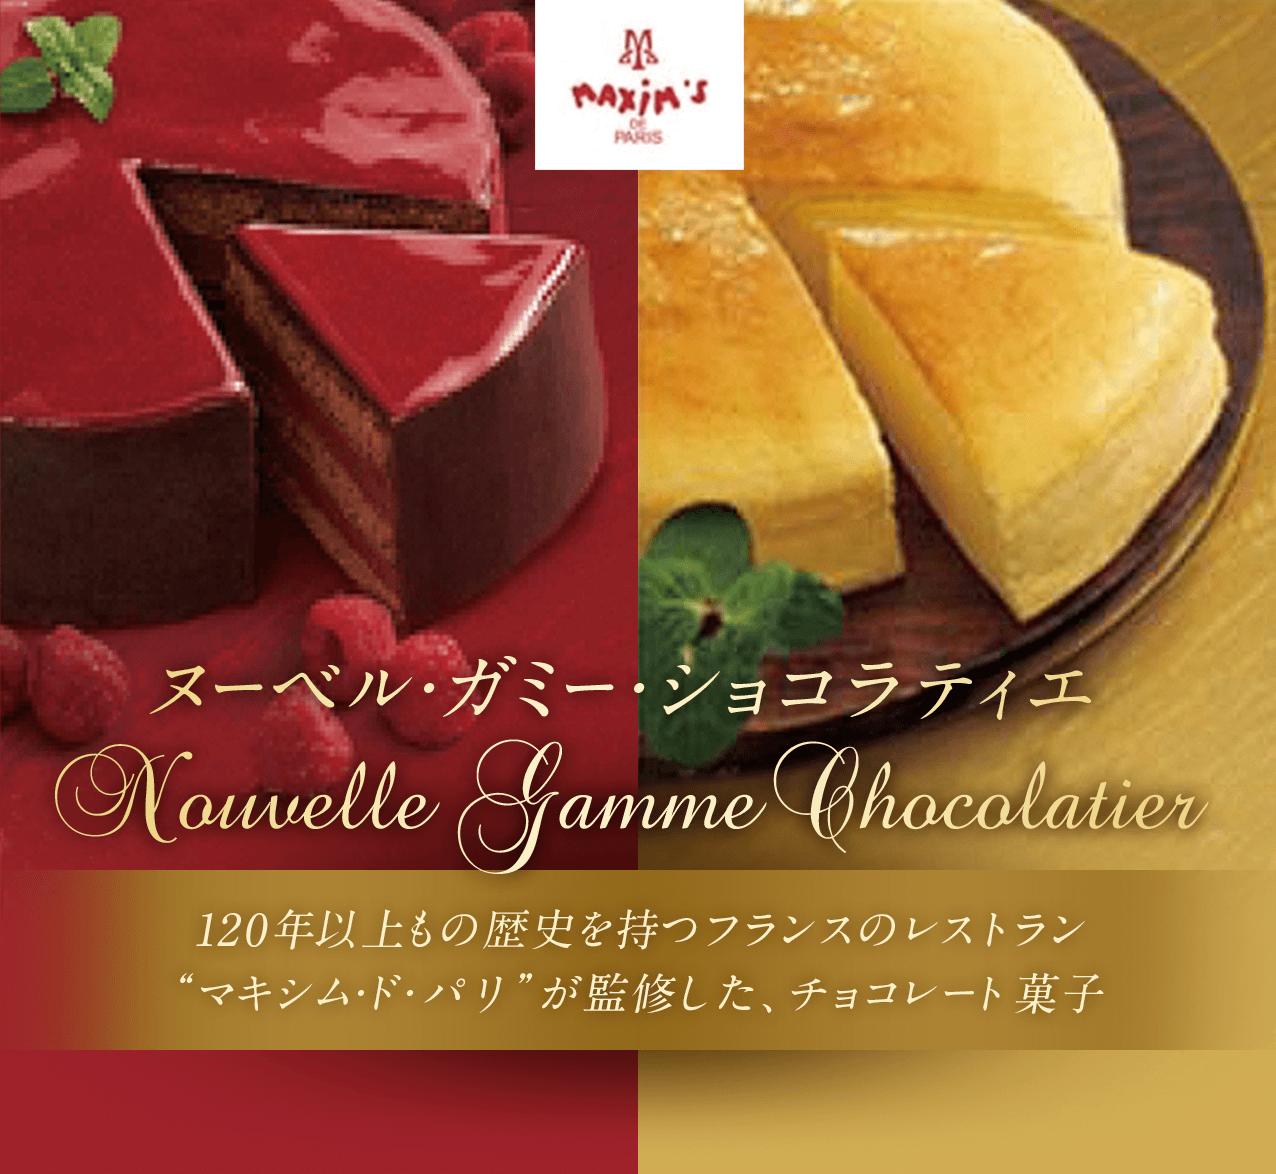 """ヌーベル・ガミー・ショコラティエ 120年以上もの歴史を持つフランスのレストラン """"マキシム・ド・パリ""""が監修した、チョコレート菓子です。"""